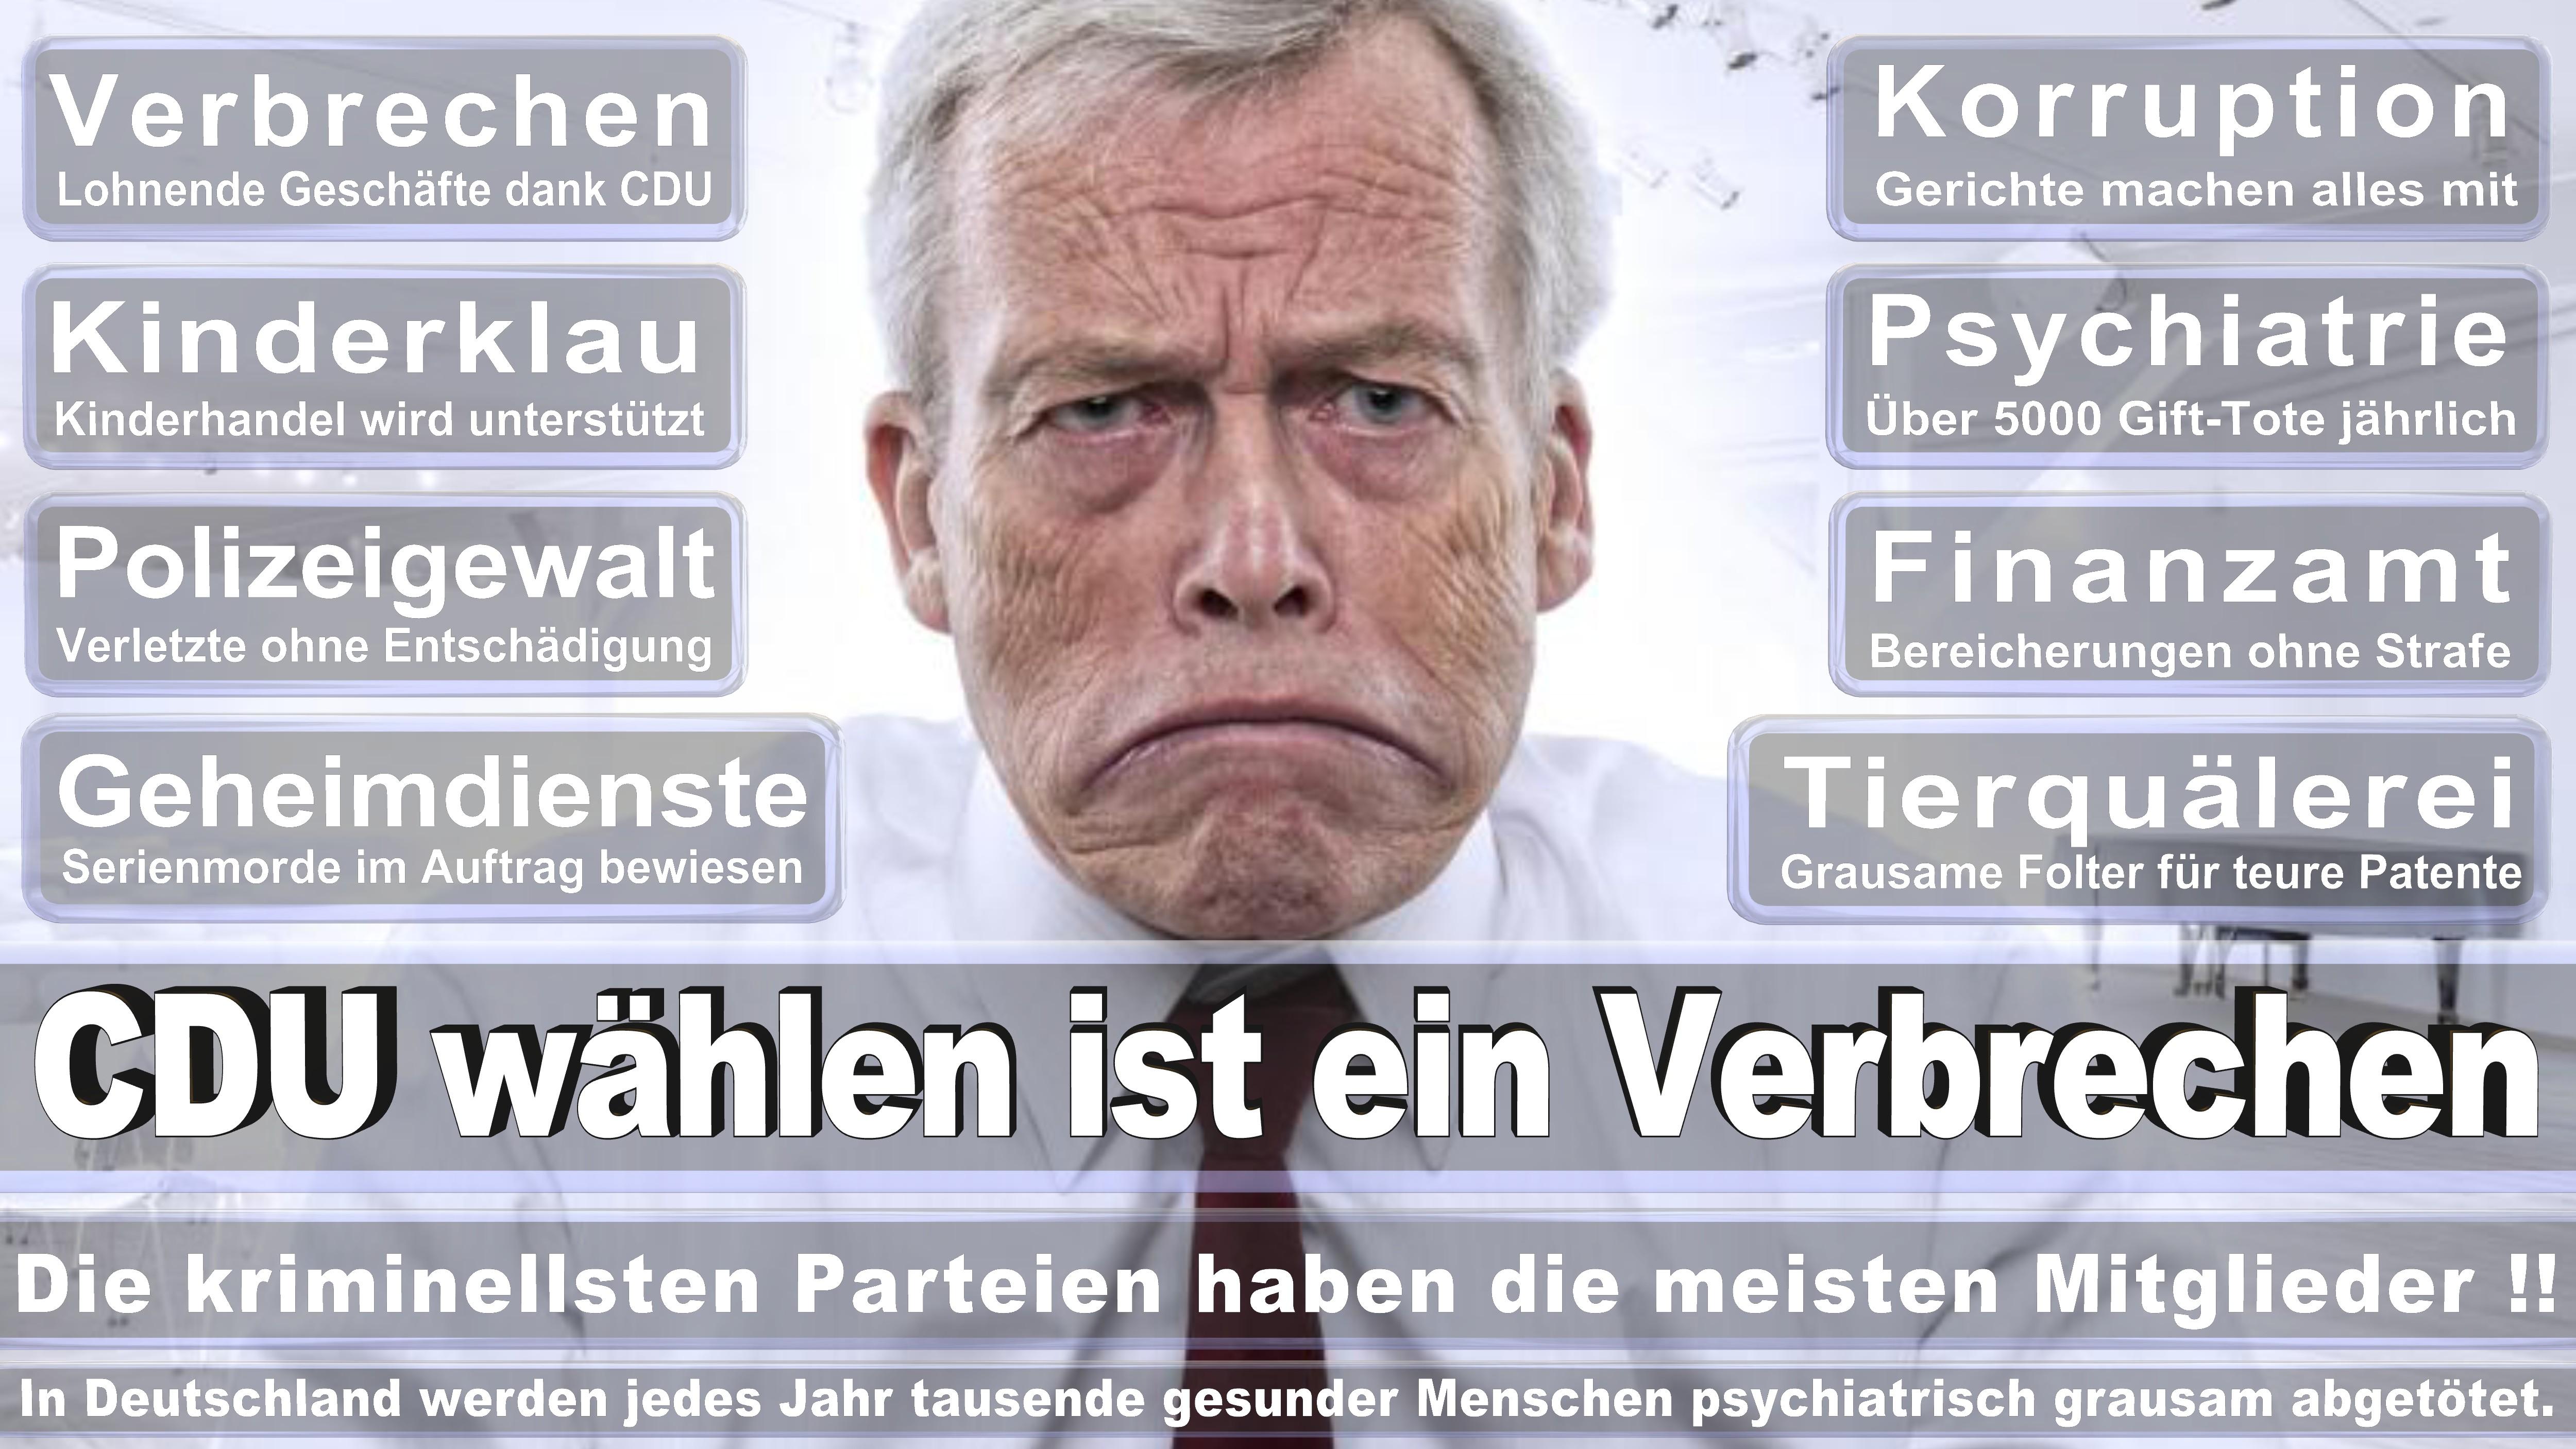 Christian Haase CDU Nordrhein Westfalen Höxter Lippe II Politiker Deutschland